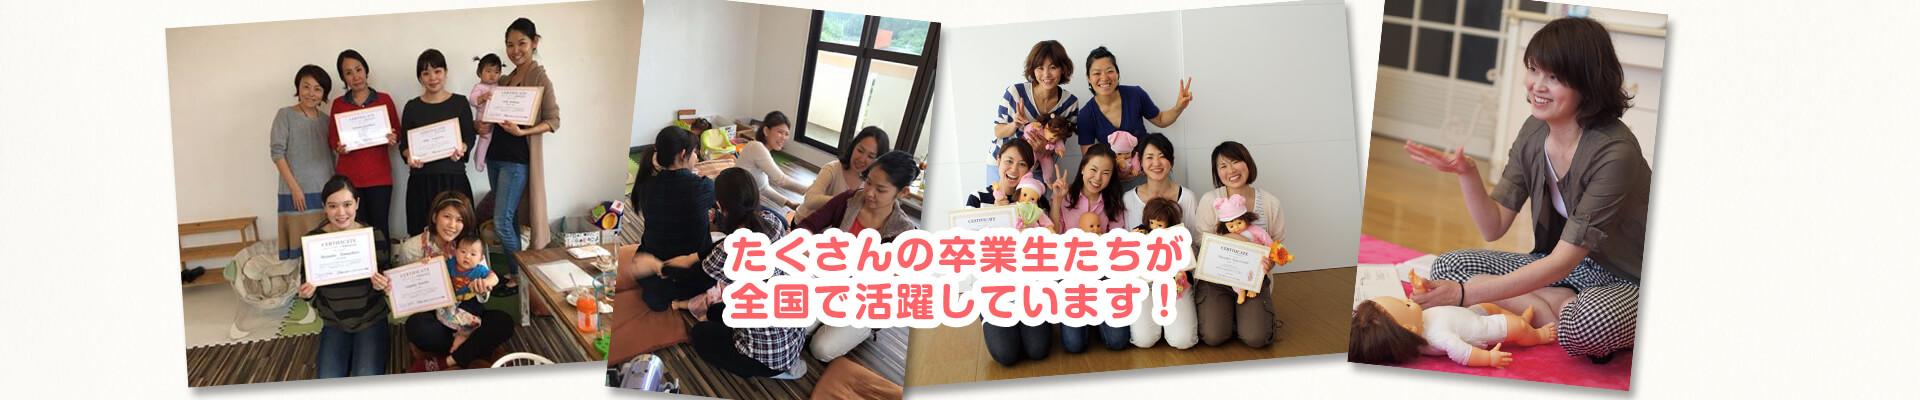 slide_sotsugyosei2